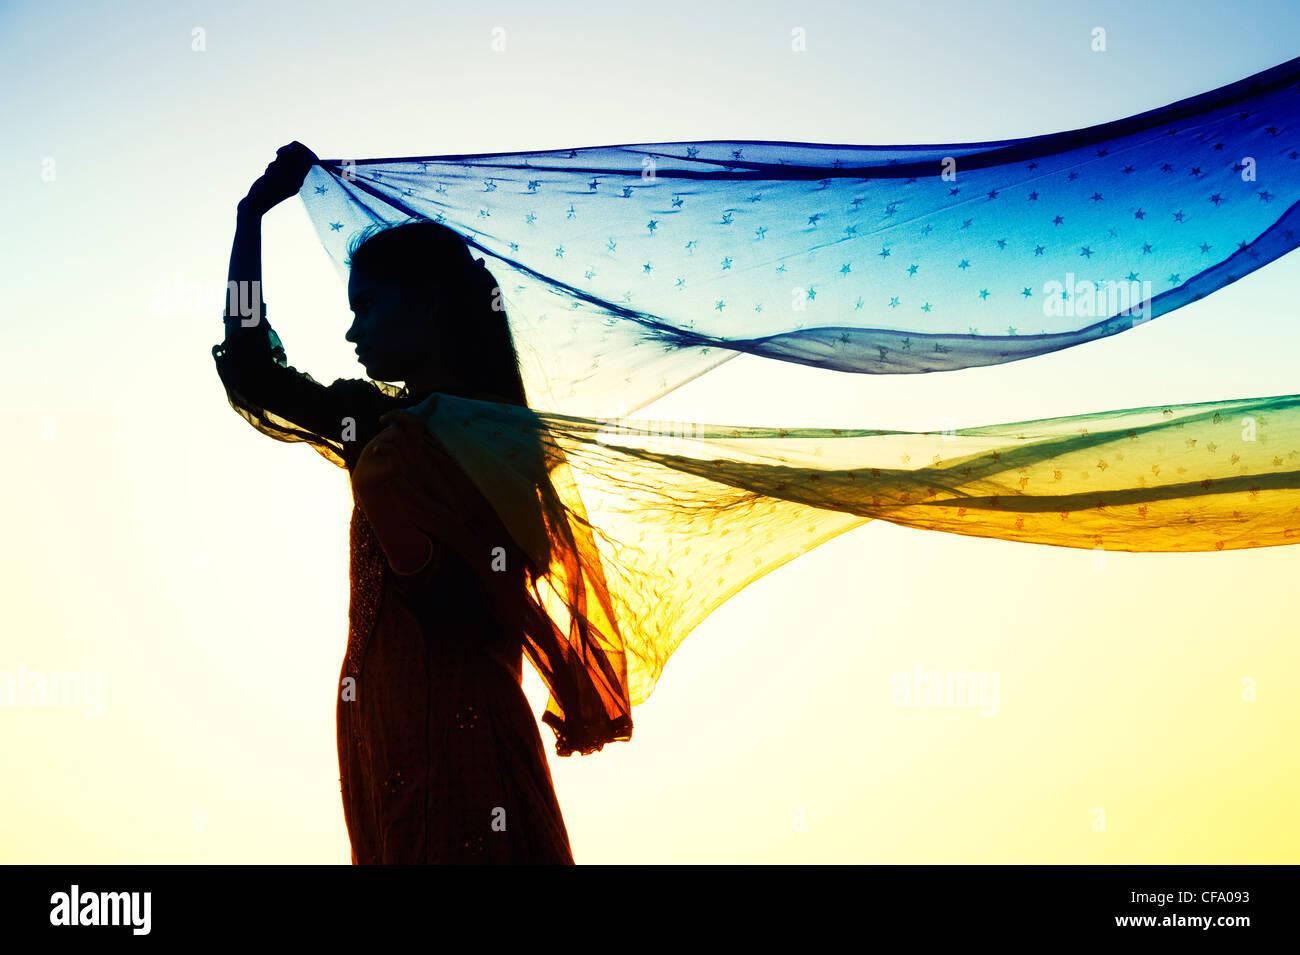 Inderin mit Stern gemustert Schleier im Wind. Silhouette Stockfoto